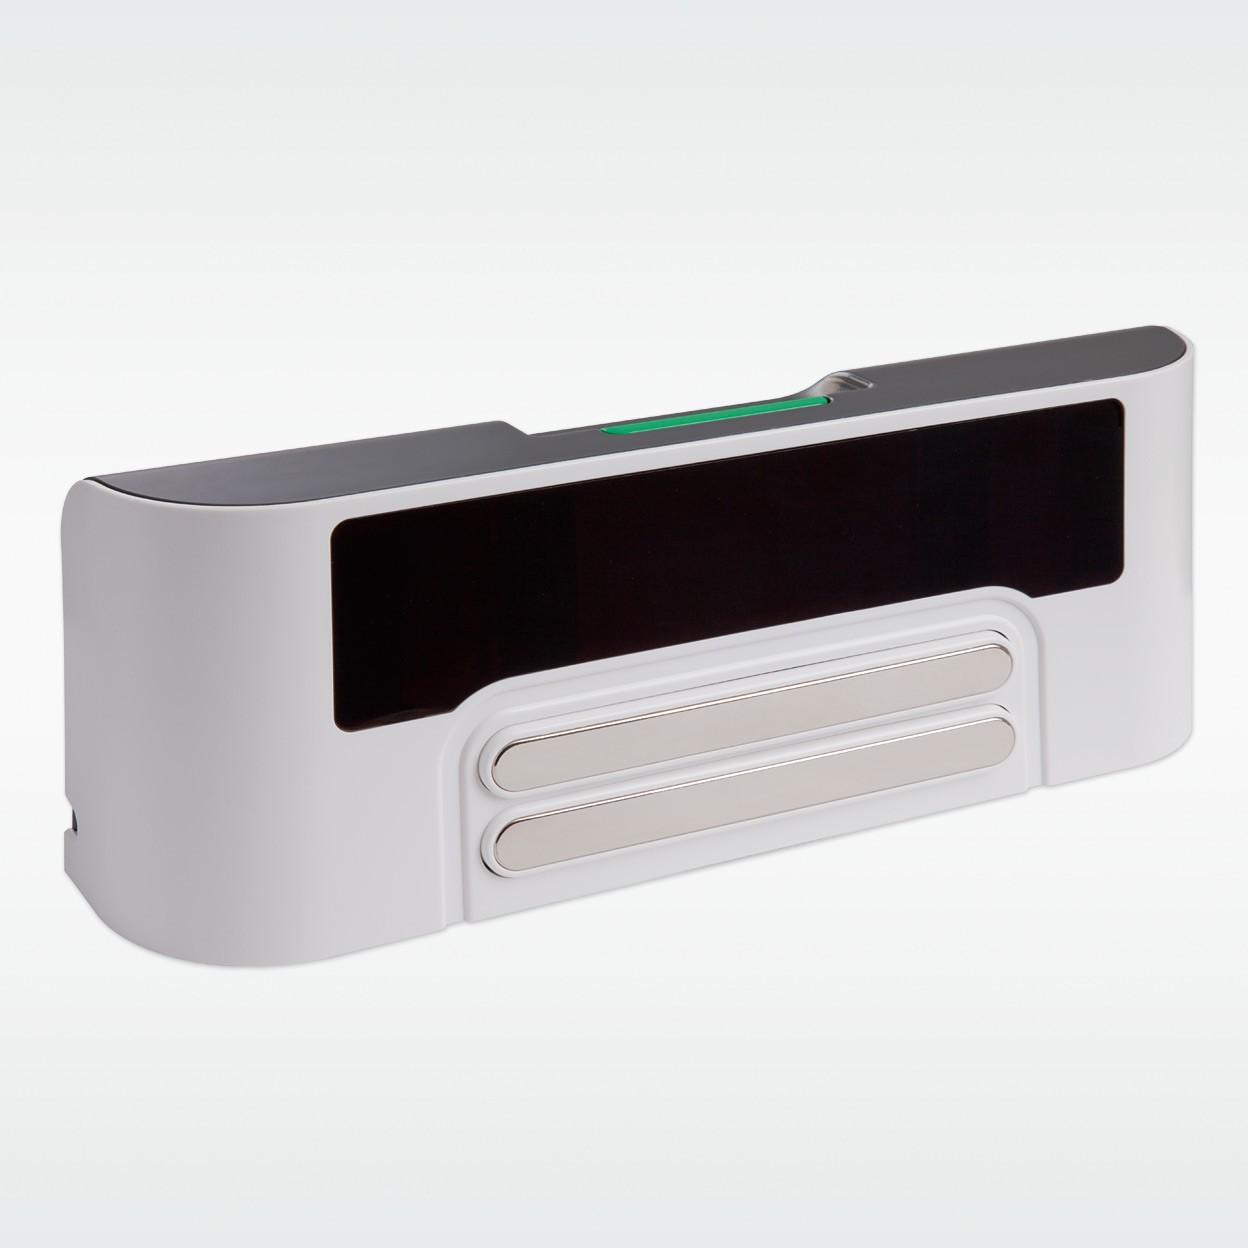 vr100 charging station no ac adapter vorwerk vacuum cleaner from vk direct kobold. Black Bedroom Furniture Sets. Home Design Ideas